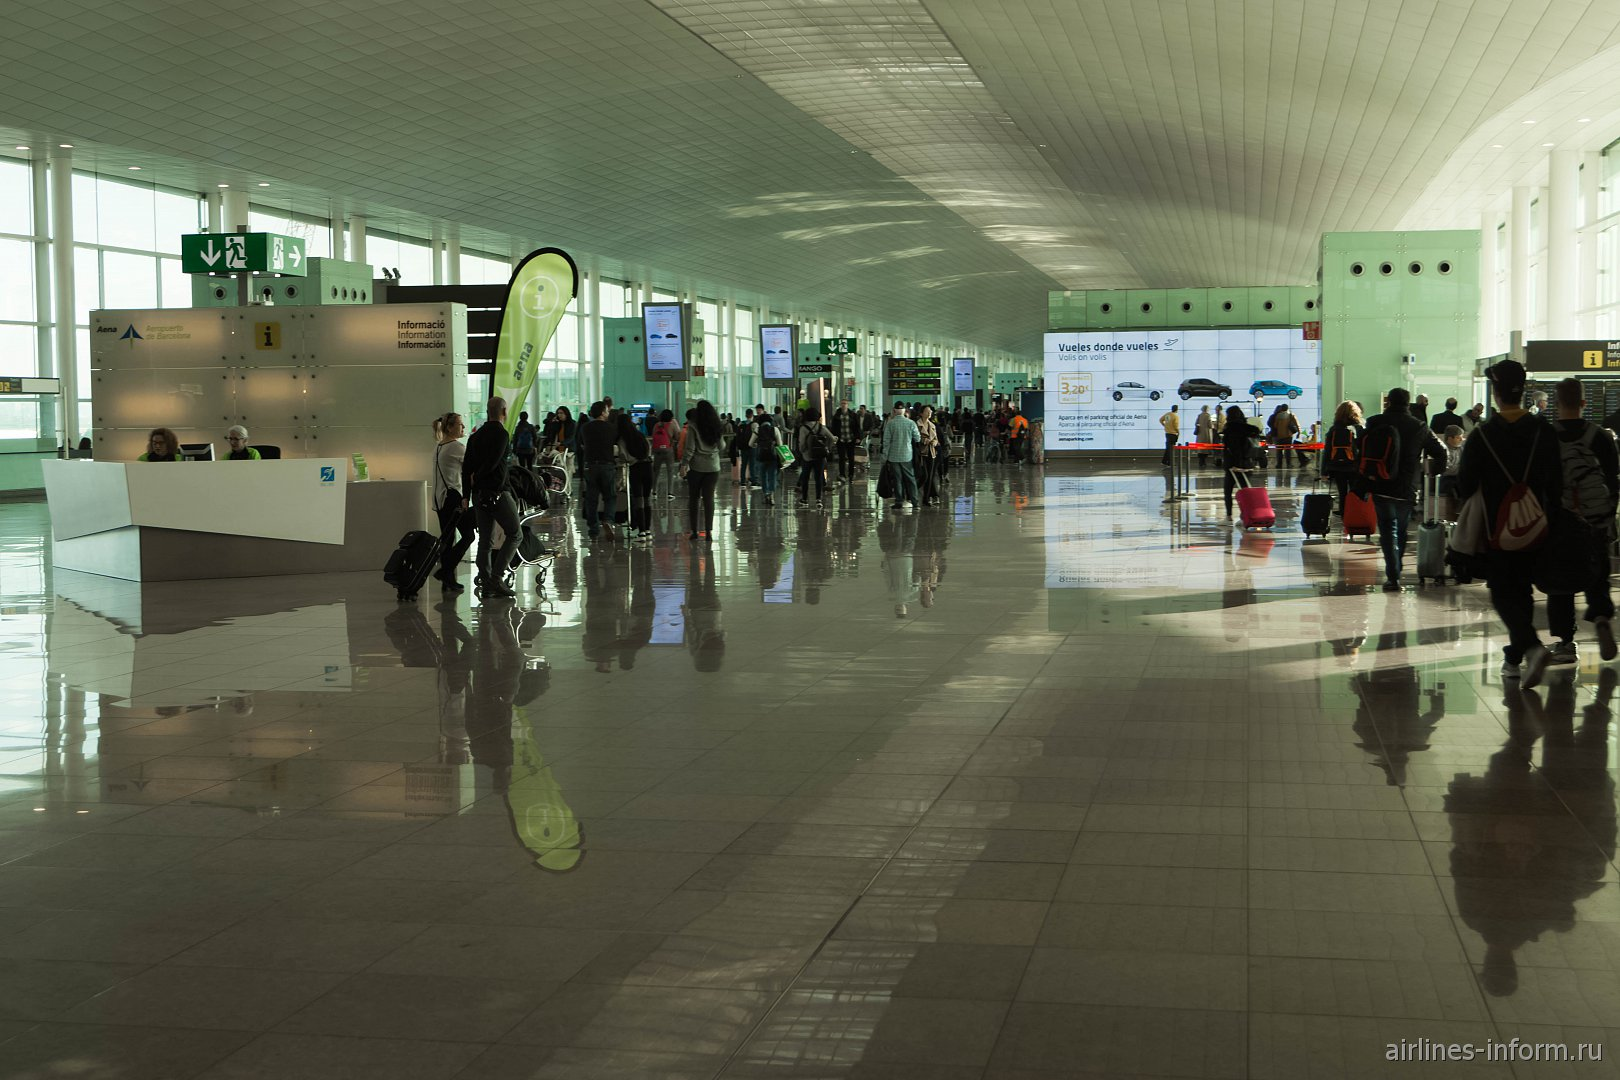 В секторе B терминала T1 аэропорта Барселона Эль-Прат